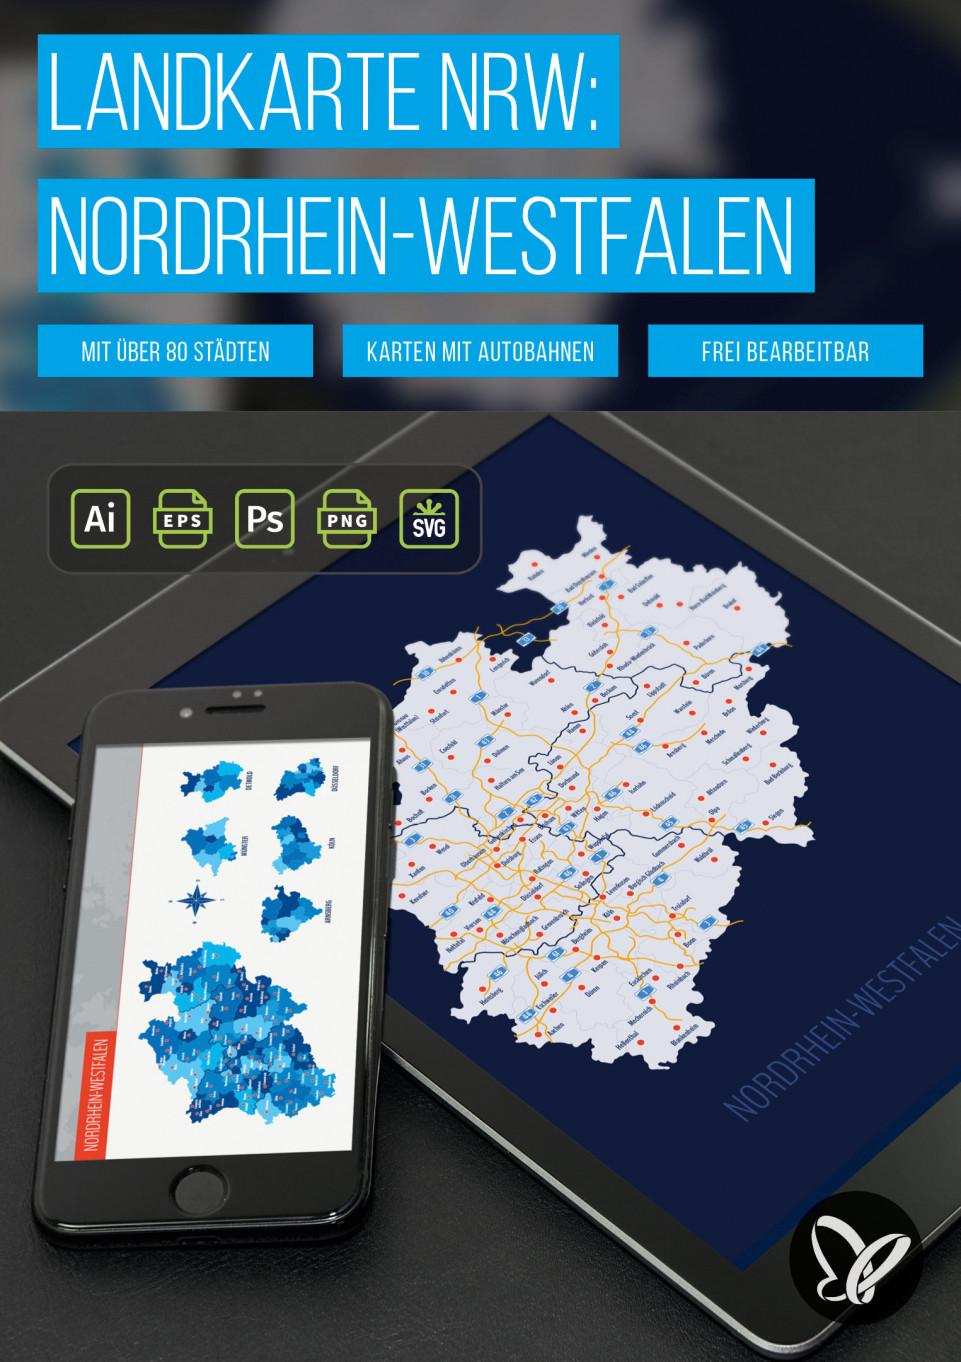 Landkarte NRW: Nordrhein-Westfalen mit Landkreisen